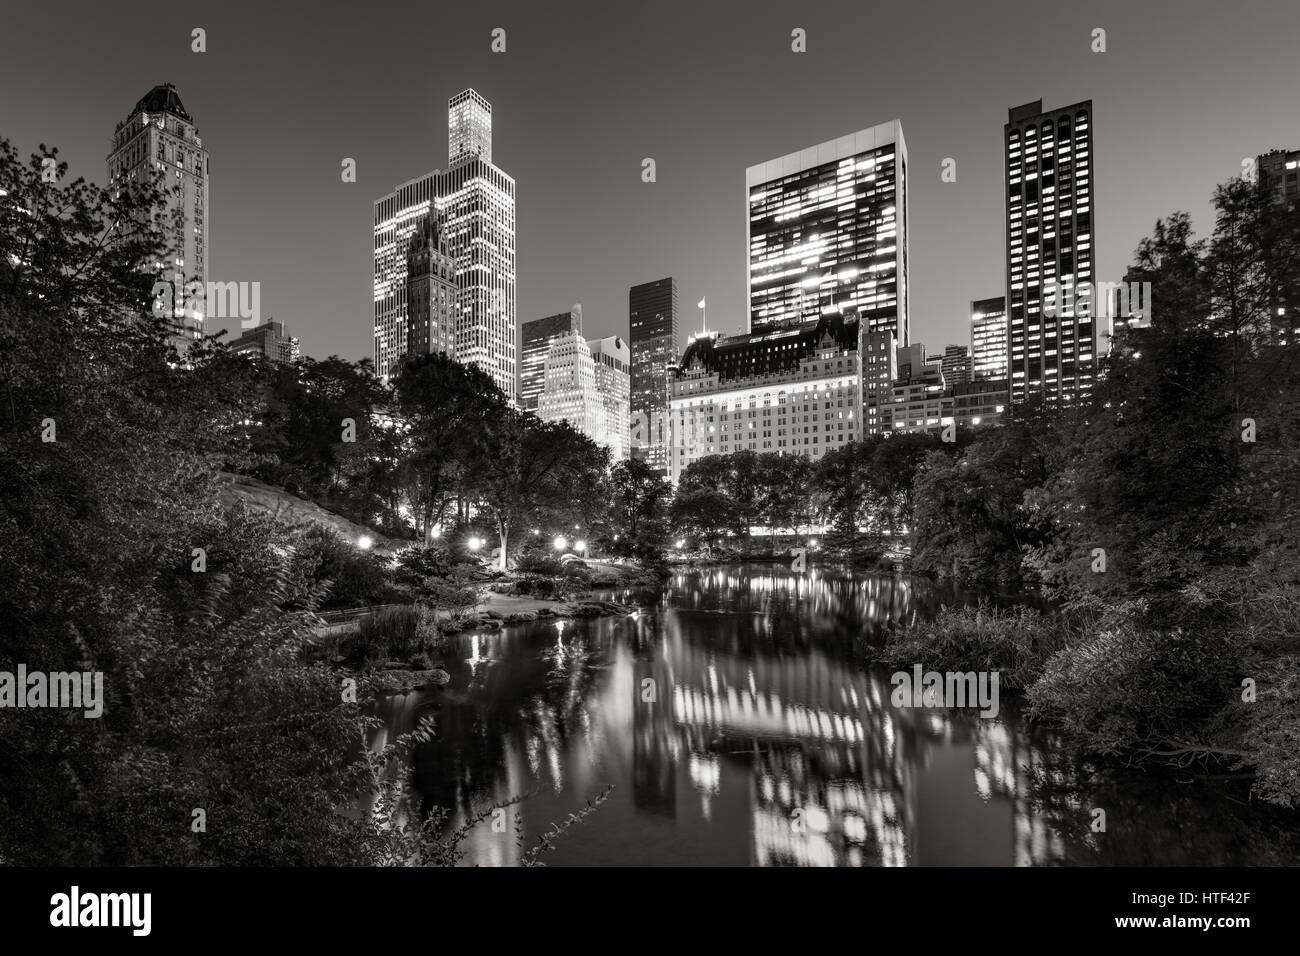 Los rascacielos de Manhattan iluminado de noche.Los edificios de Central Park South se reflejan en el estanque. Imagen De Stock